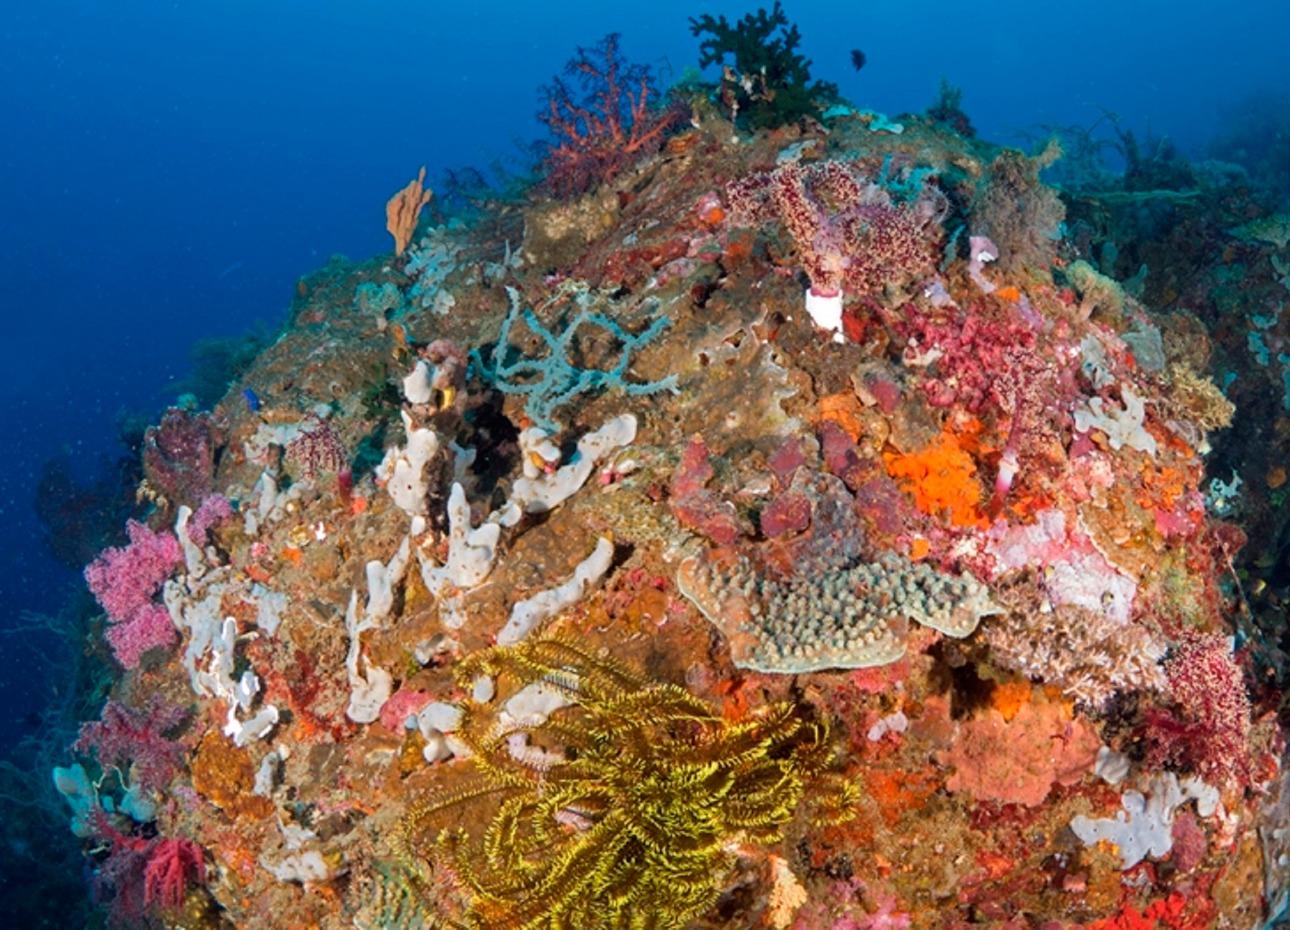 Philippines, Bohol, Magic Oceans Dive Resort, Coral, image